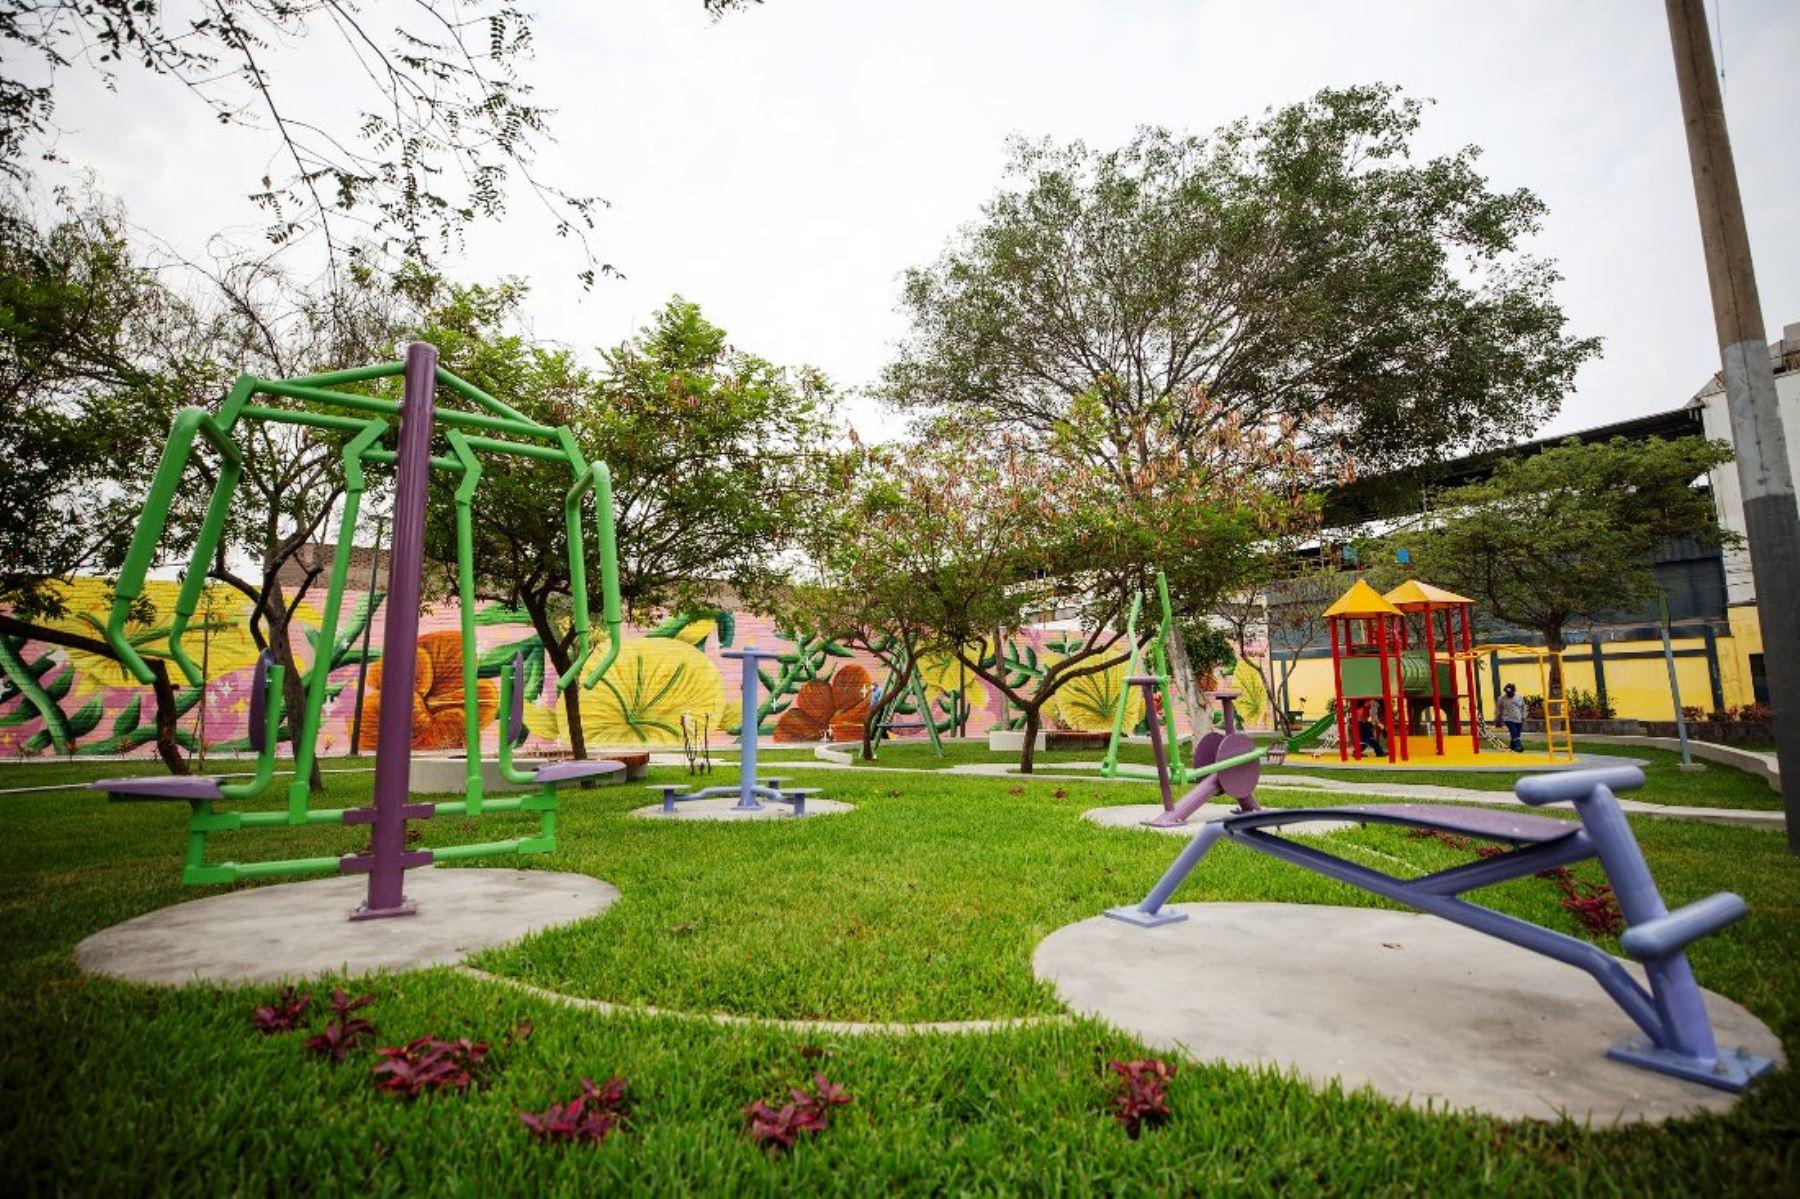 cercado-de-lima-nuevos-parques-mejoraran-calidad-de-vida-de-mas-de-20000-personas